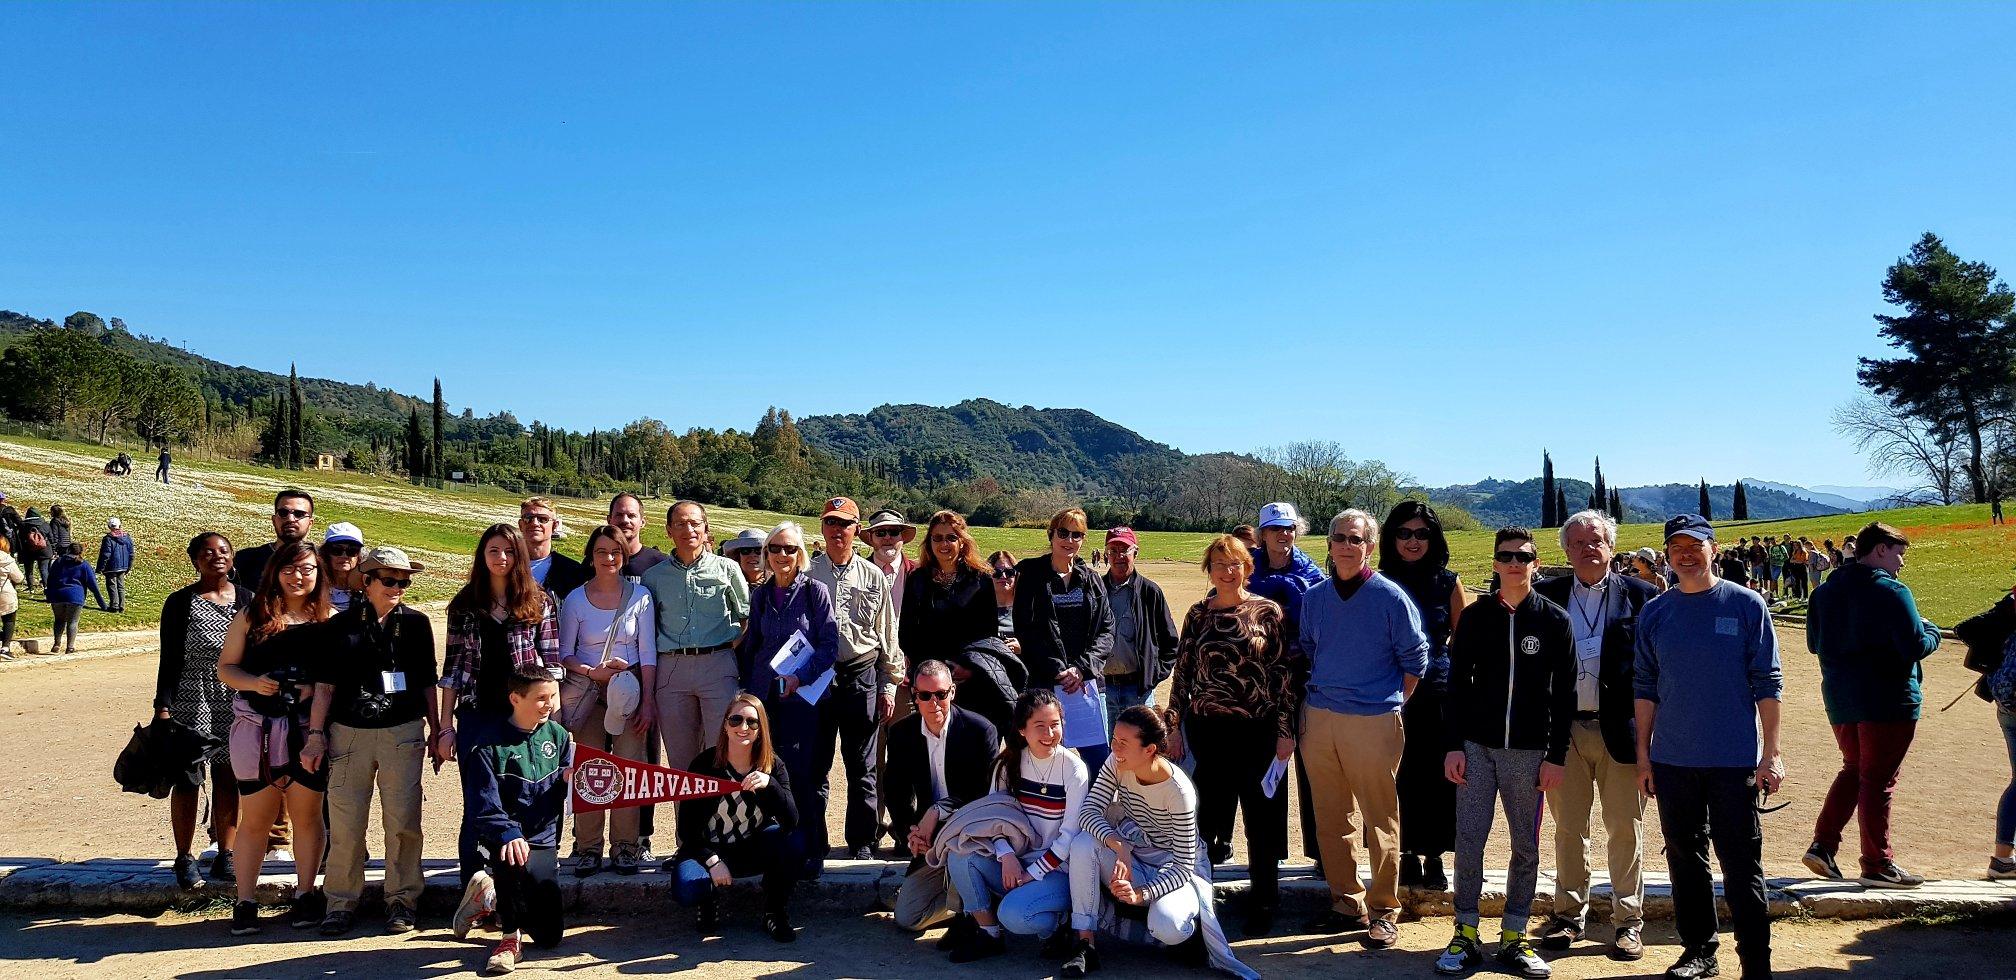 Members of the Spring Break trip